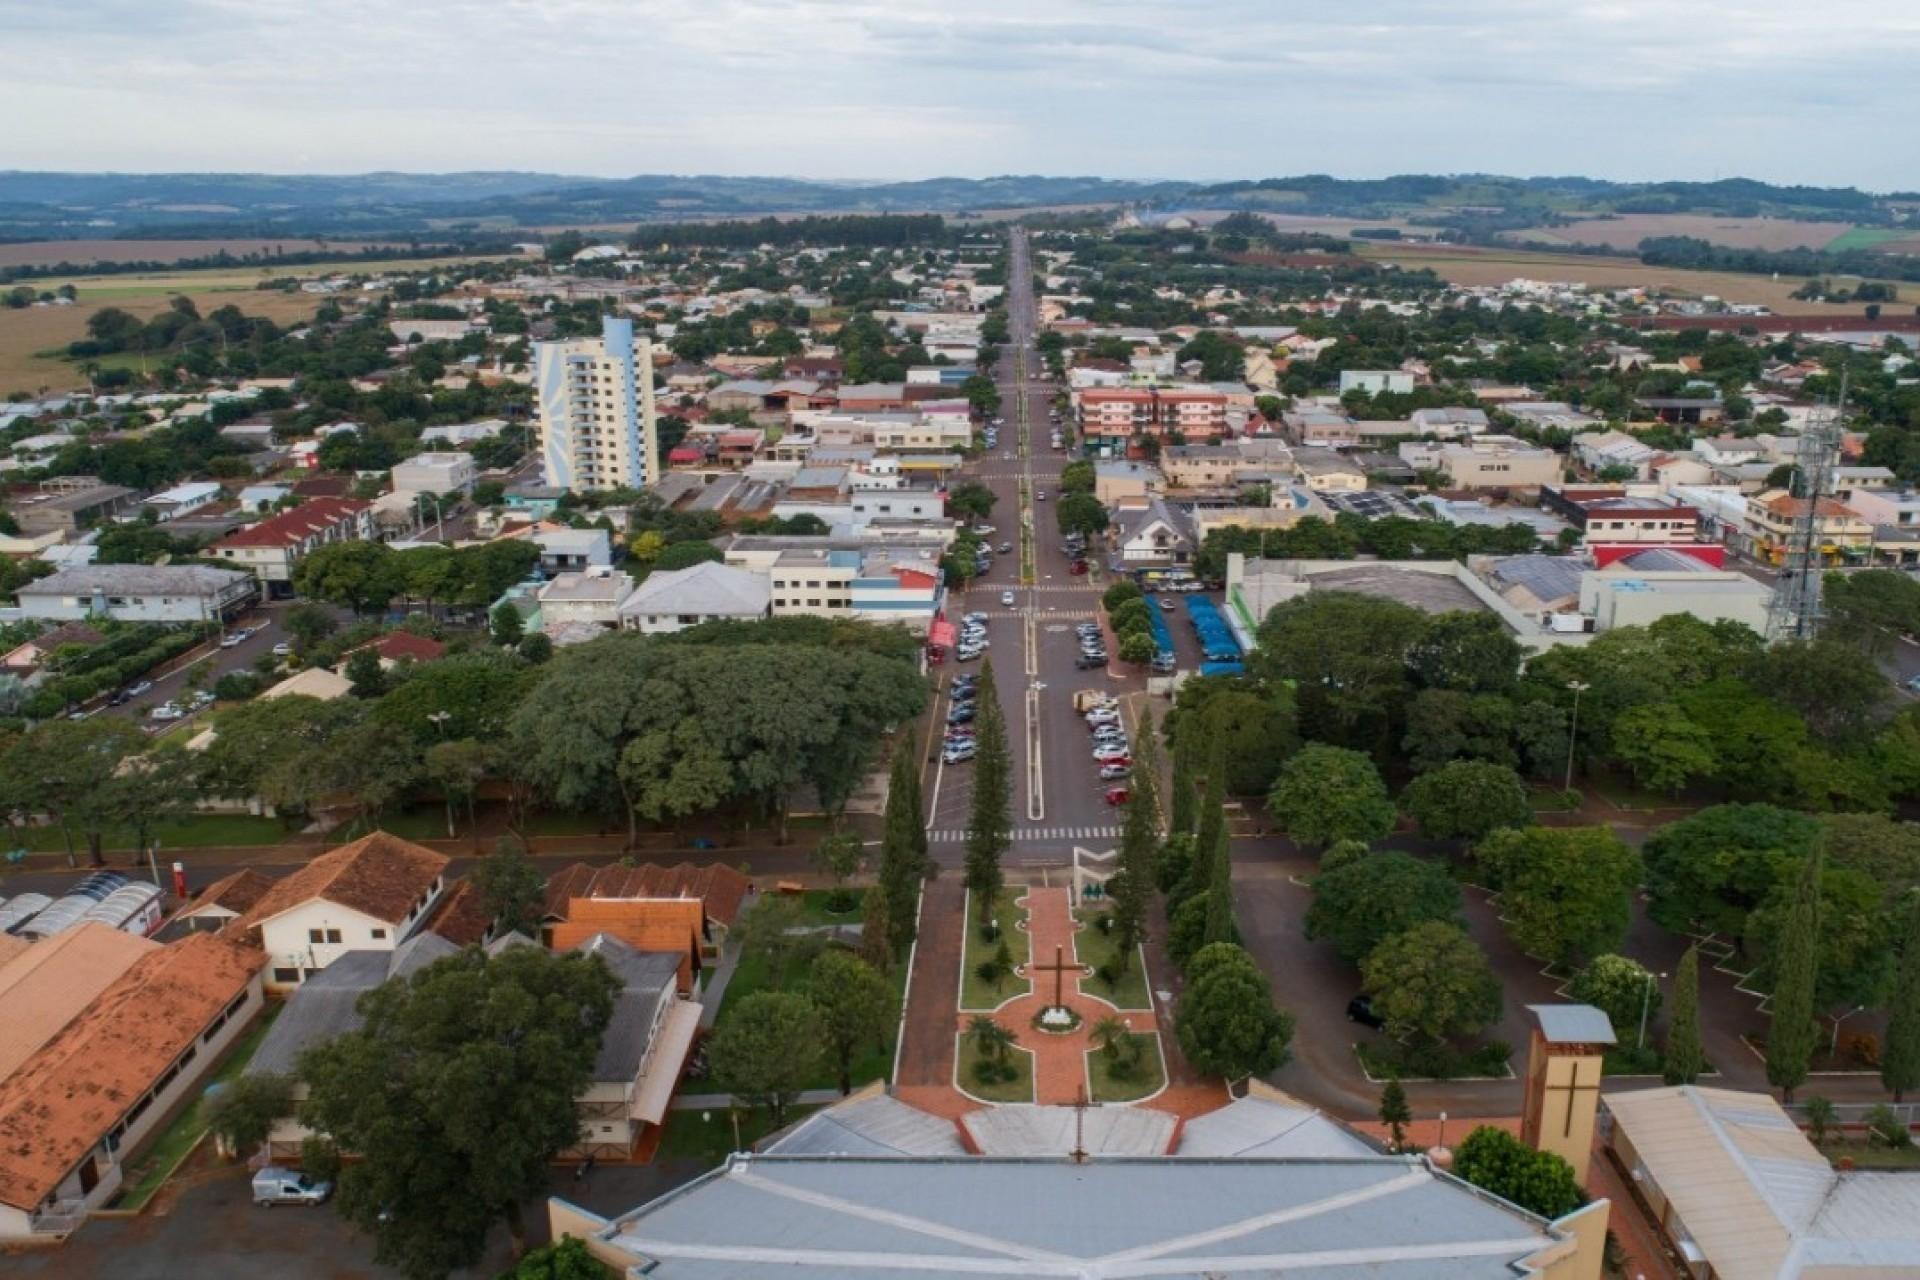 Missal e região: IBGE divulga estimativa da população dos municípios para 2021 - confira